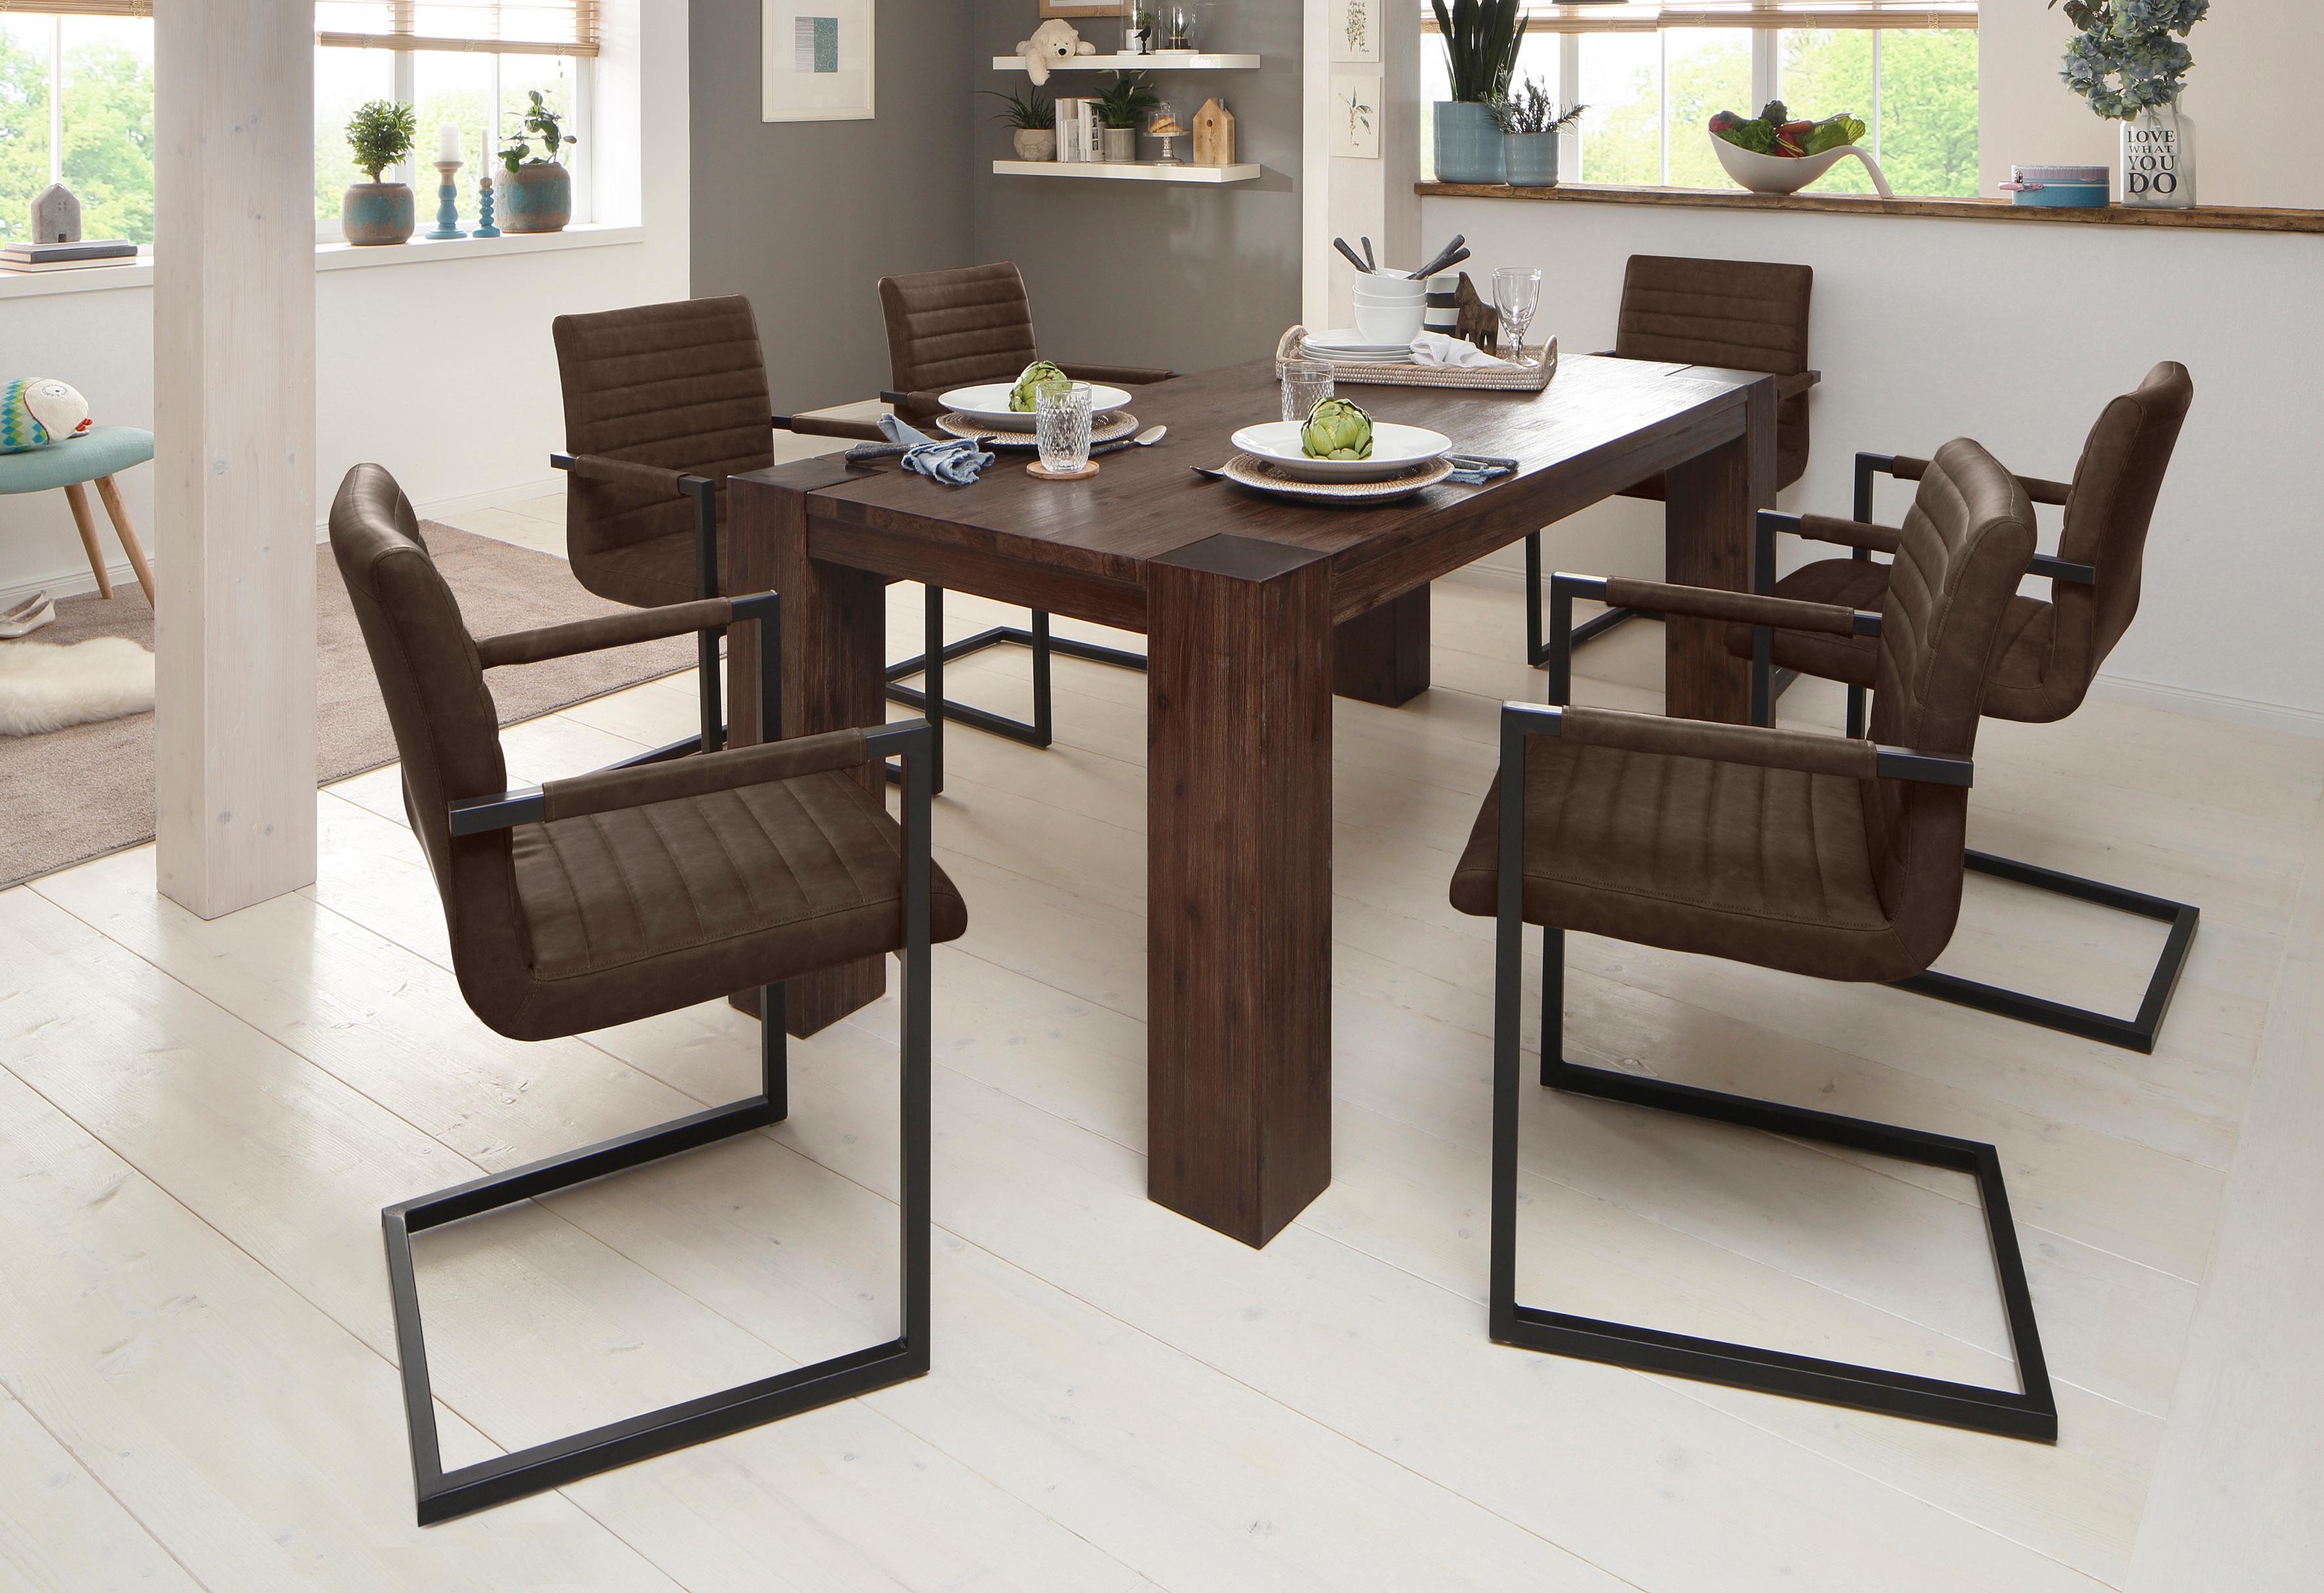 braun-holz Esszimmerstühle online kaufen | Möbel-Suchmaschine ...